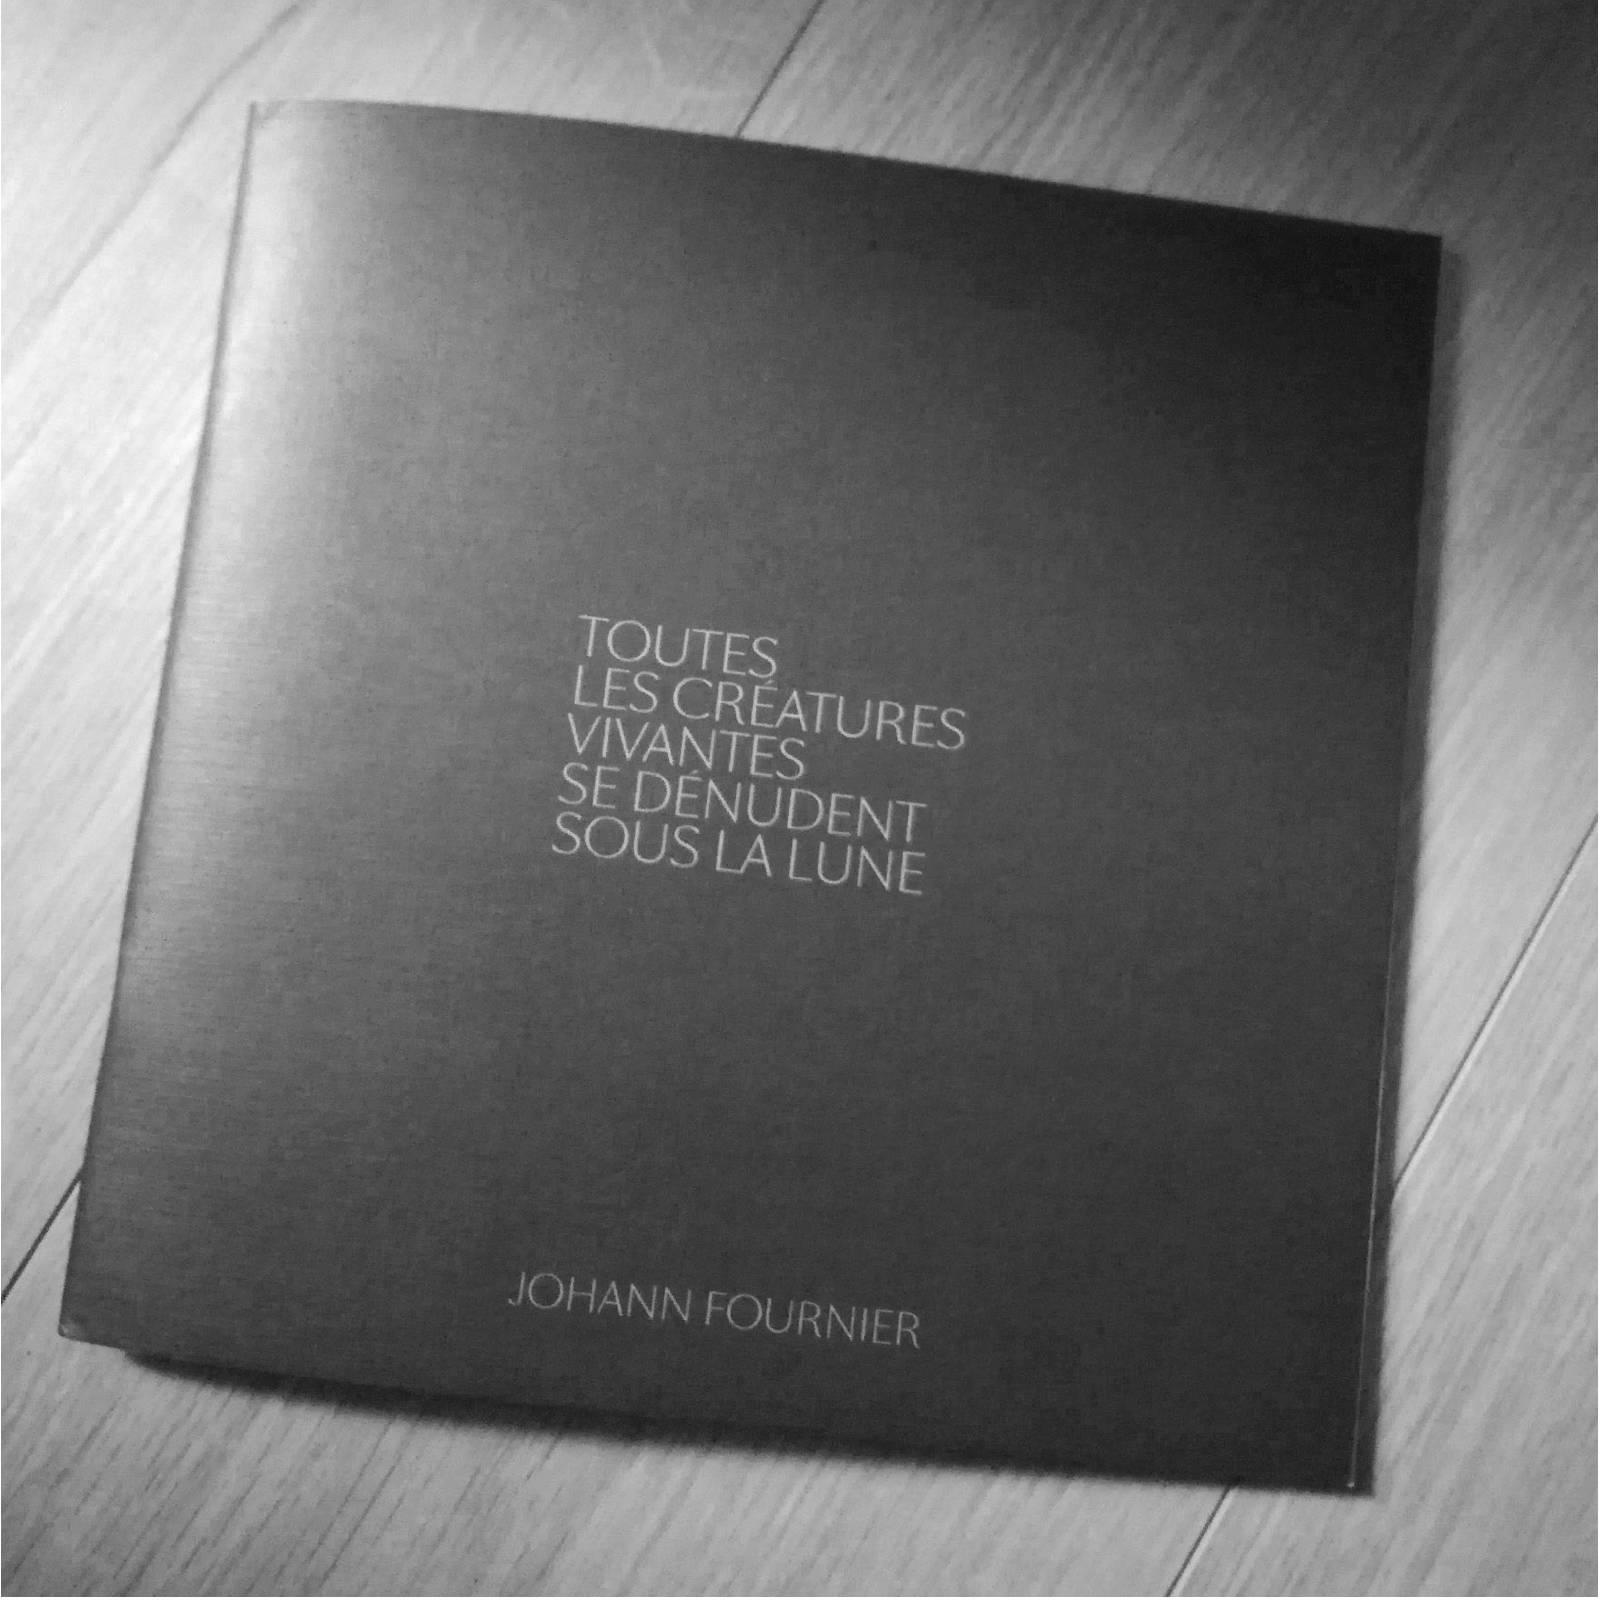 Toutes les créatures de Johann Fournier Catalogue (1)